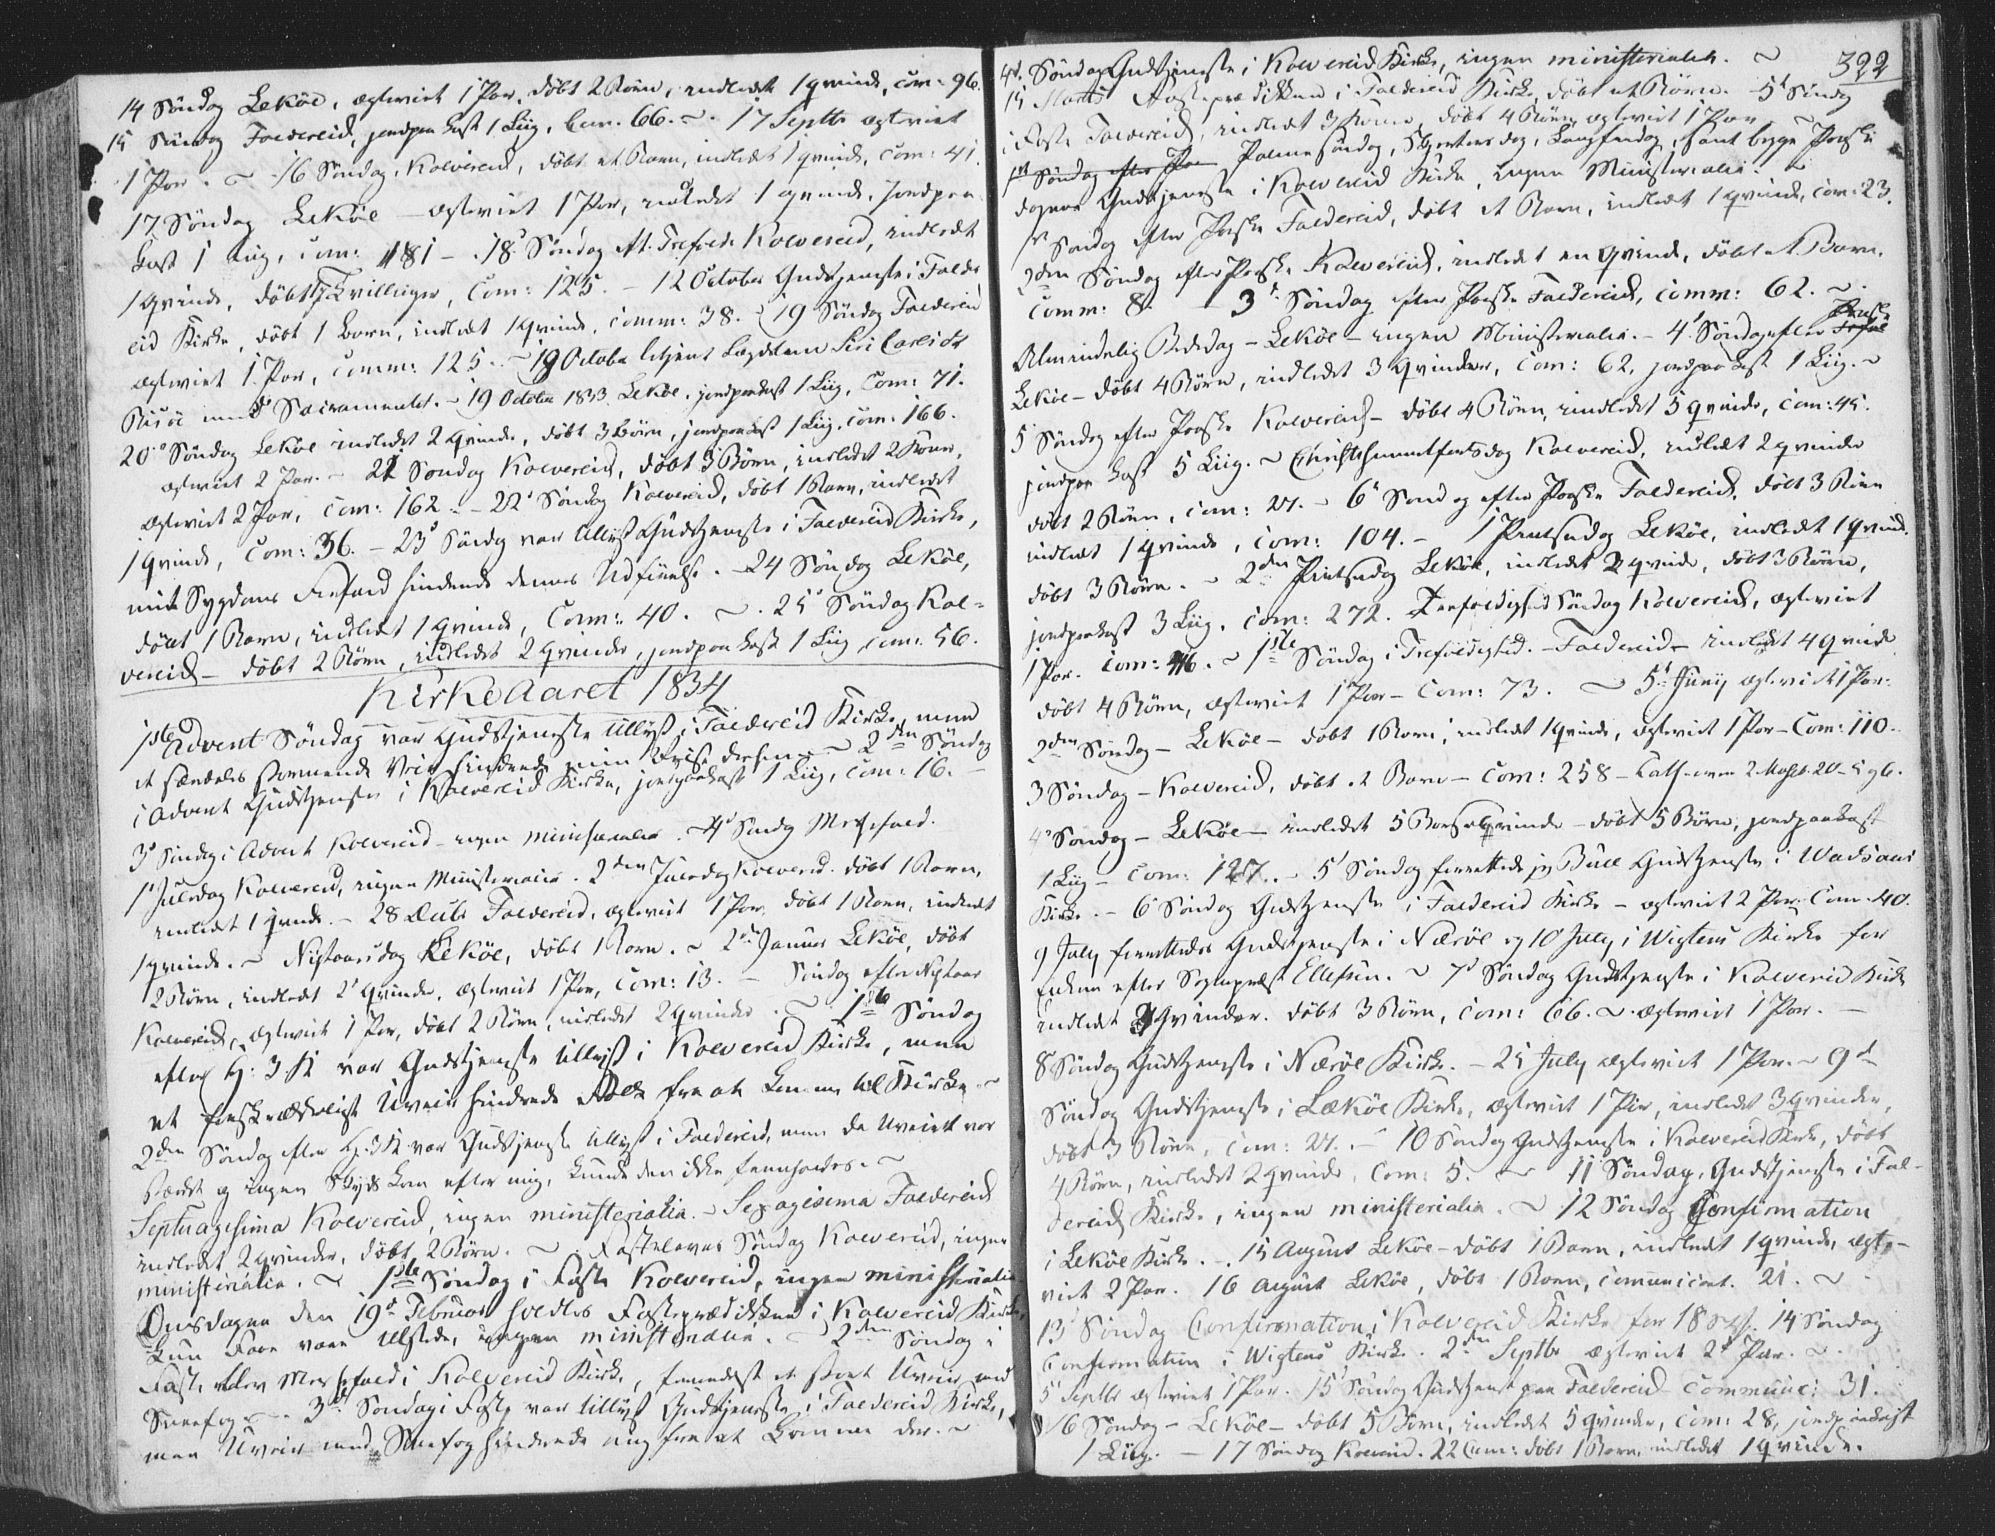 SAT, Ministerialprotokoller, klokkerbøker og fødselsregistre - Nord-Trøndelag, 780/L0639: Ministerialbok nr. 780A04, 1830-1844, s. 322